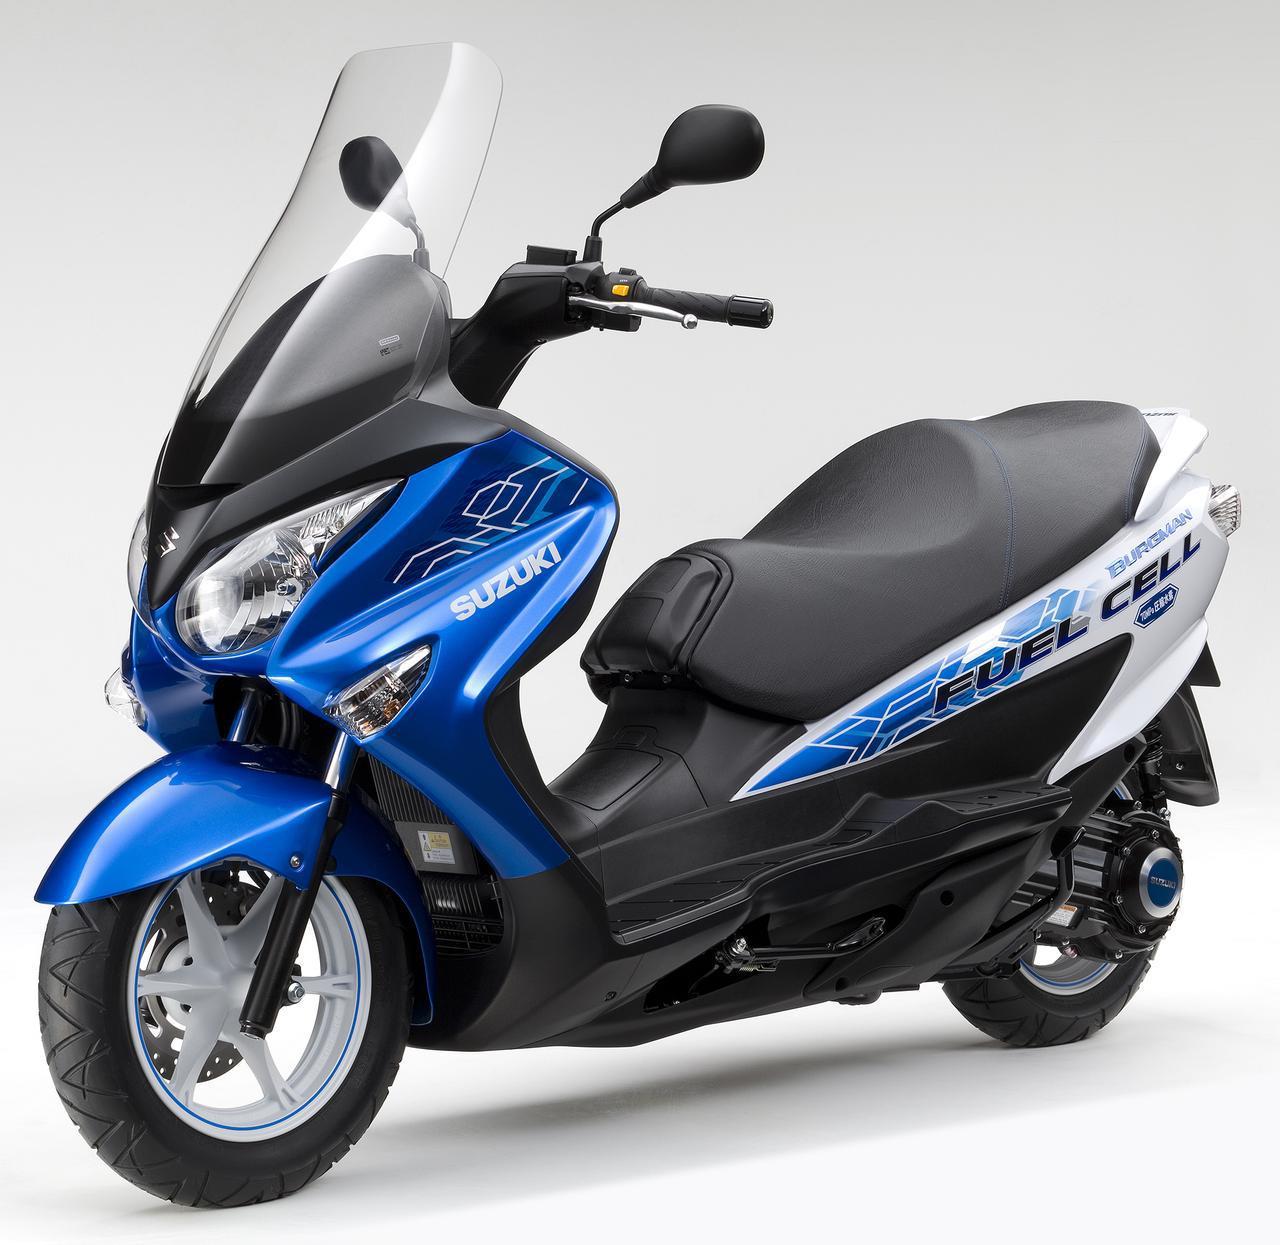 画像: スズキが2017年に公開した「バーグマン フューエルセル」は、「バーグマン200」をベースに軽量・コンパクトな空冷式燃料電池を搭載。航続距離は60km/hで120km(スズキ社内テスト値)でICE搭載のバーグマン200よりもかなり見劣りしますが、同年3月に18台がナンバープレートを取得。燃料電池二輪車の市場性の確認のために、公道走行に供されています。 www.autoby.jp